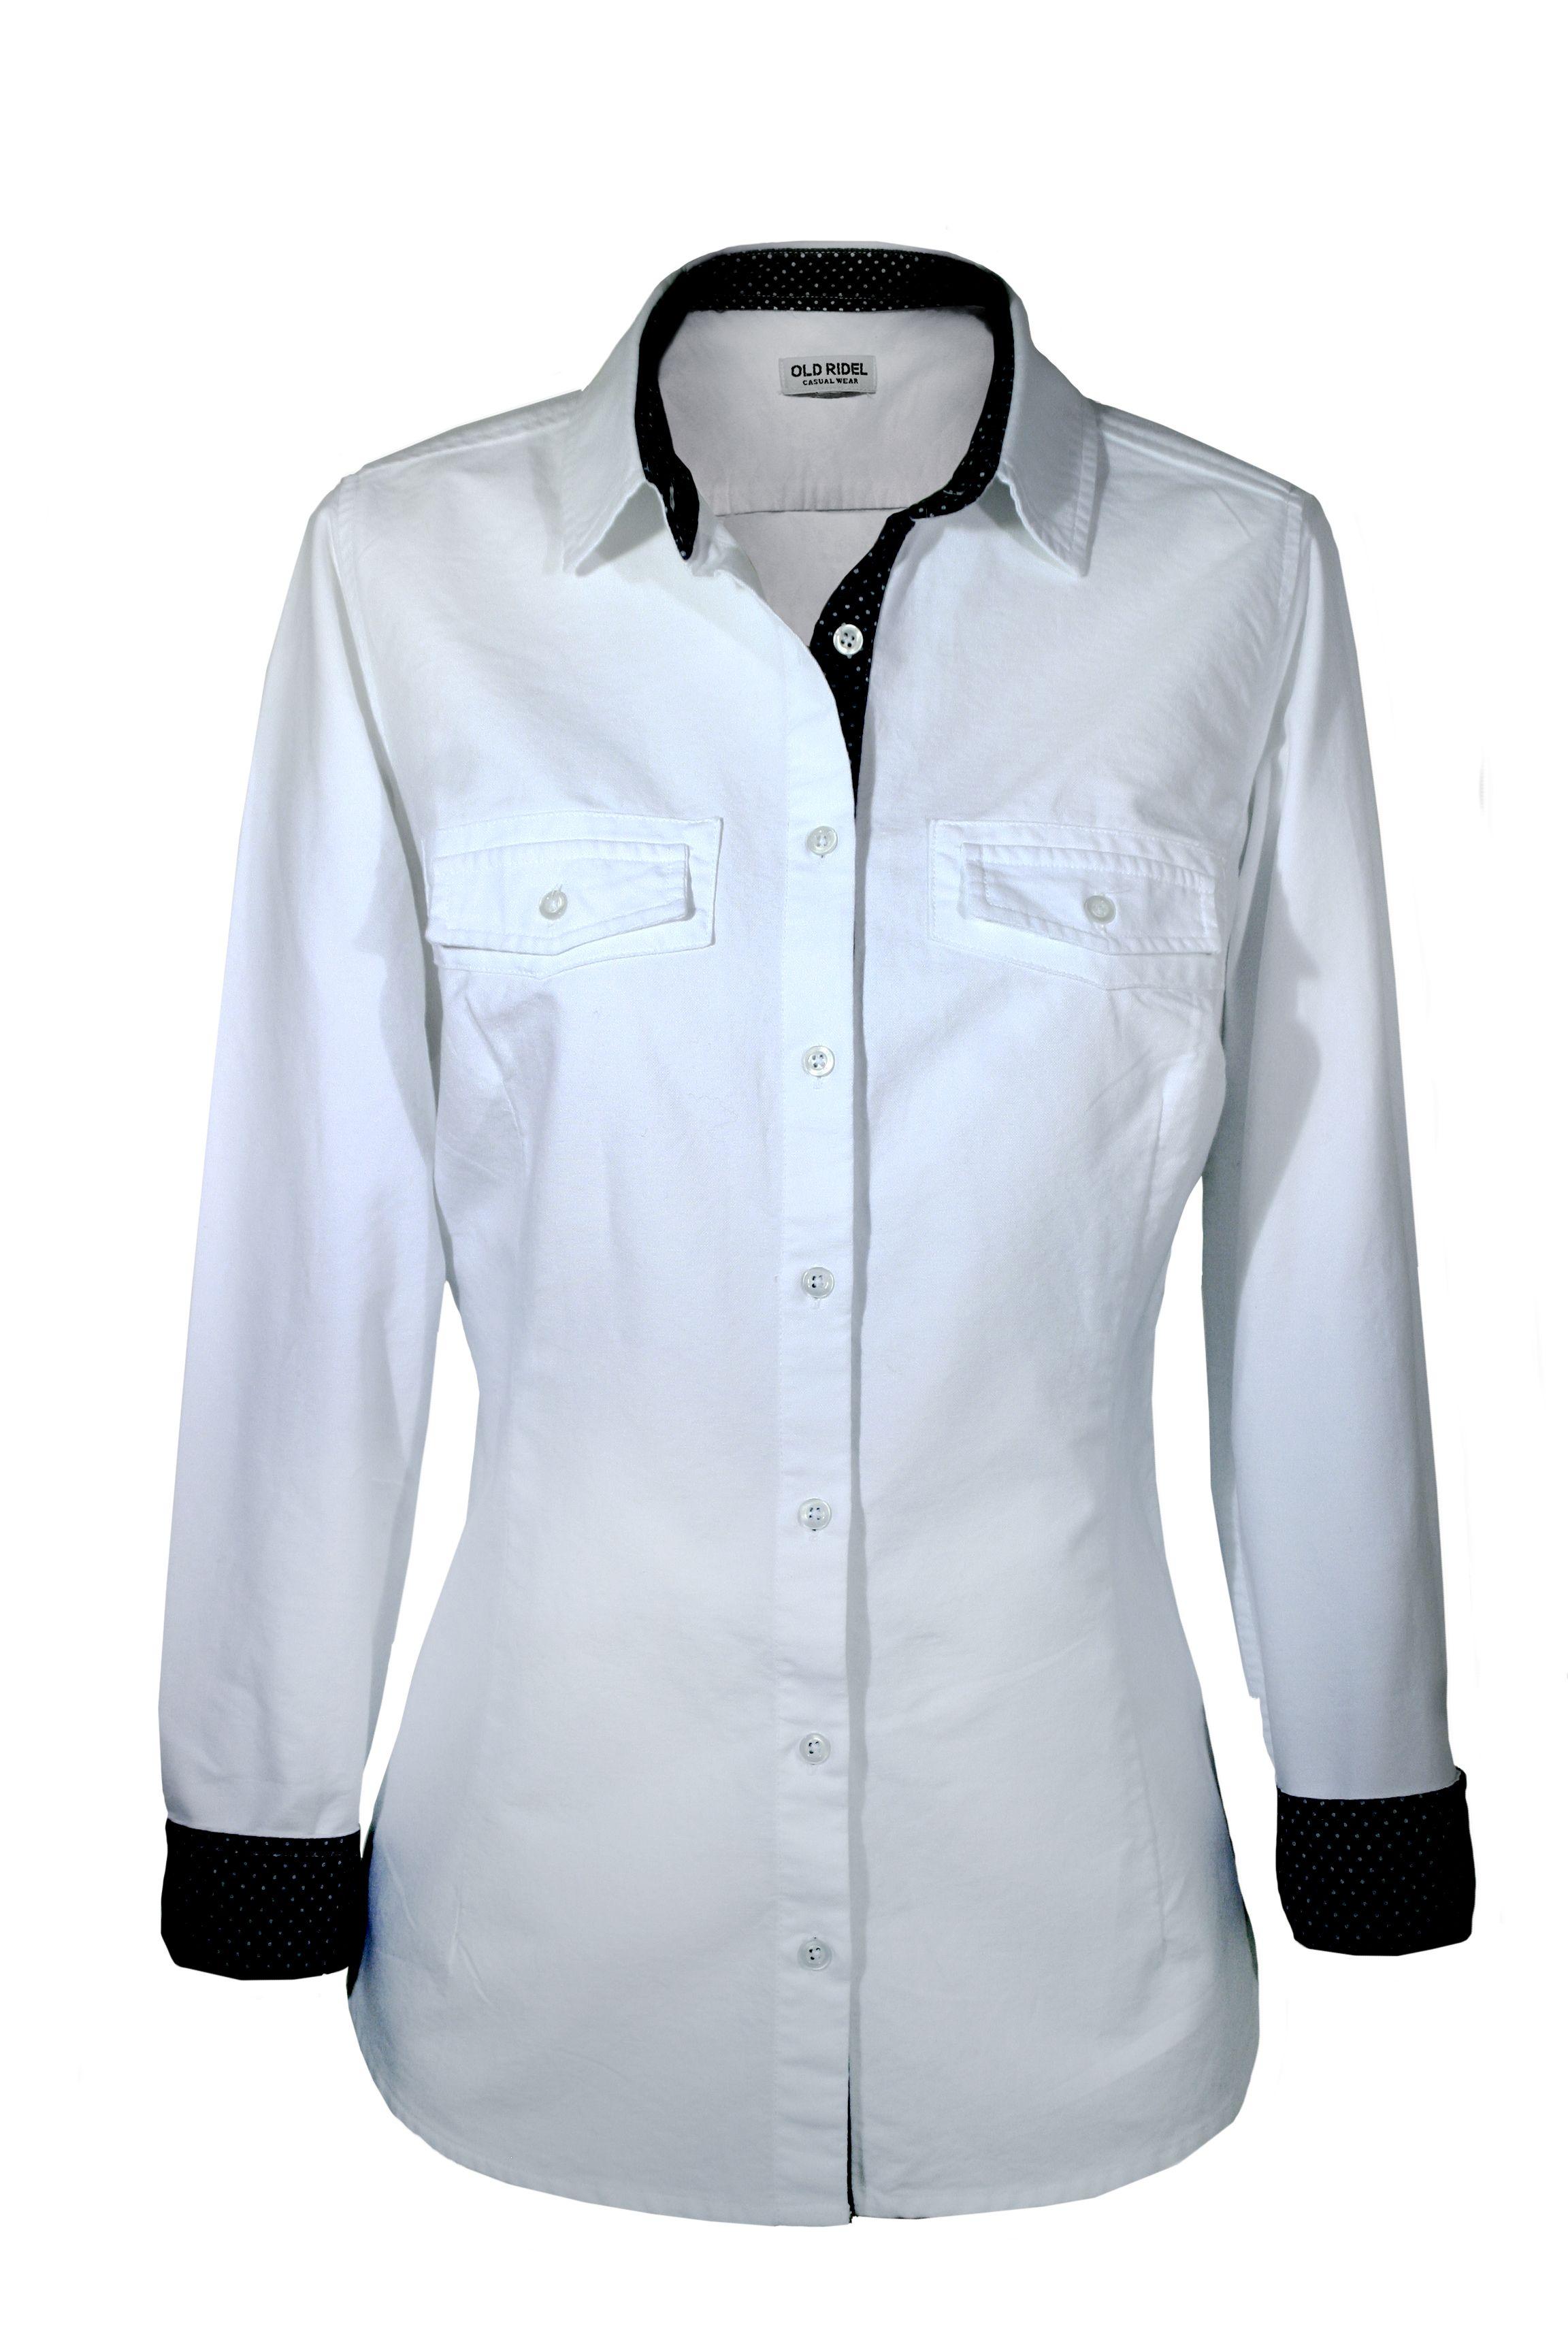 50dba74aa Camisa mujer blanca popelín con detalles en el puño y cuello azul marino y  topos blanco www.oldridel.com